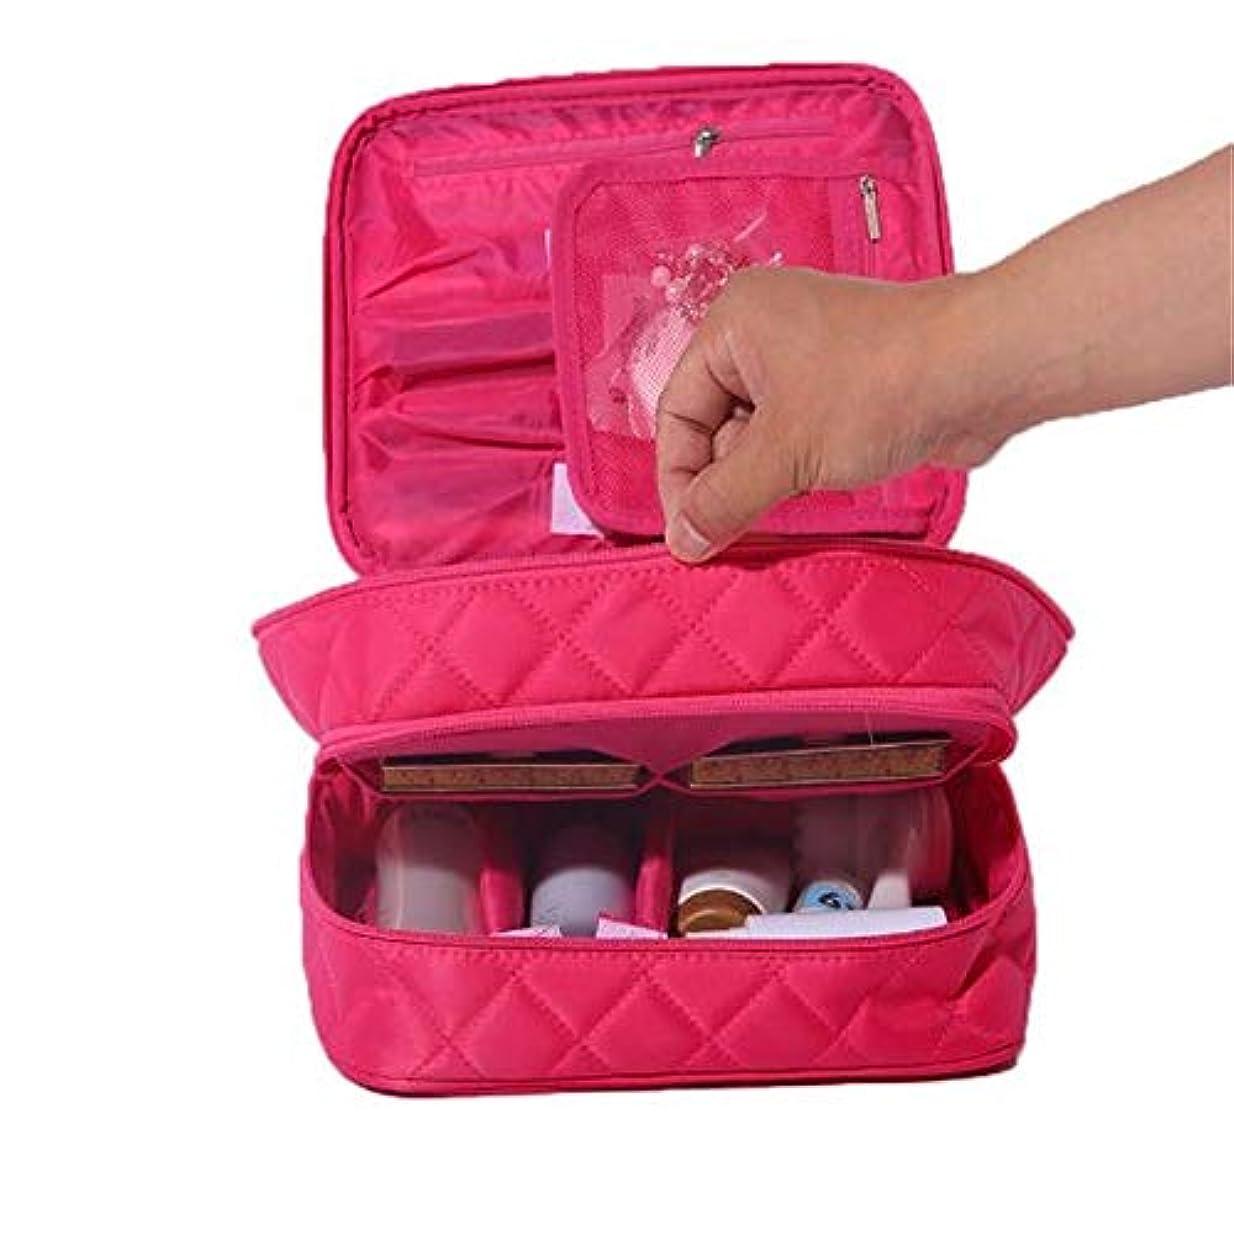 電卓想像する変換する化粧オーガナイザーバッグ ポータブルトラベルレディース菱形化粧品バッグナイロンパーティション化粧ケースダブルオープンウォッシュストレージバッグミニ化粧バッグ。 化粧品ケース (色 : 赤)